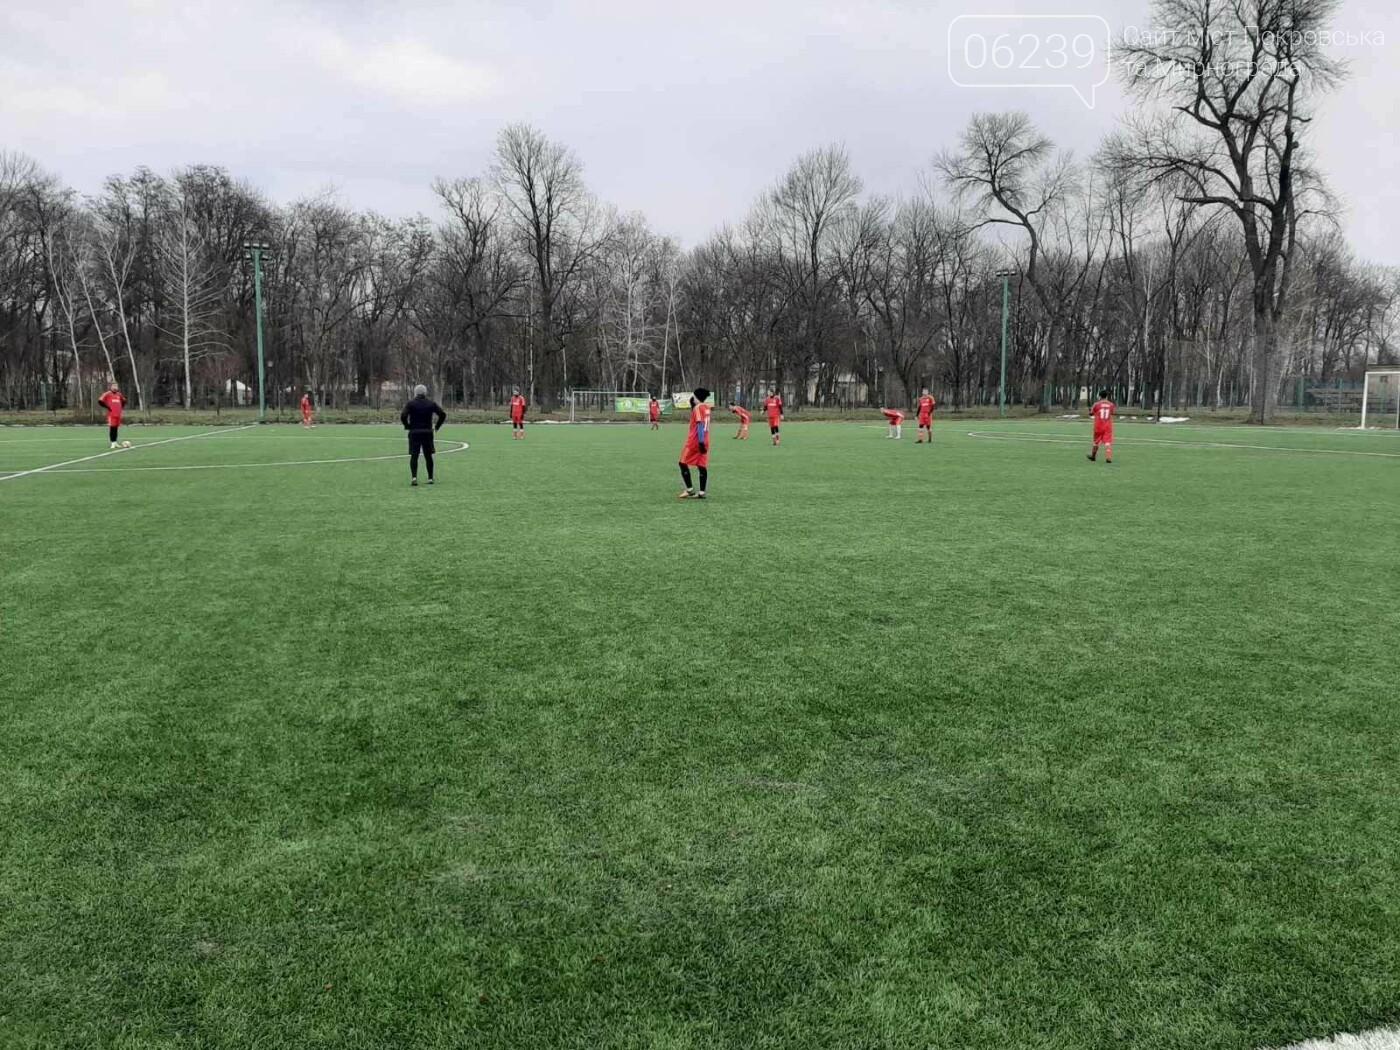 Первый блин всегда комом: ФК «Мирноград» уступил в стартовом матче зимнего первенства области по футболу, фото-3